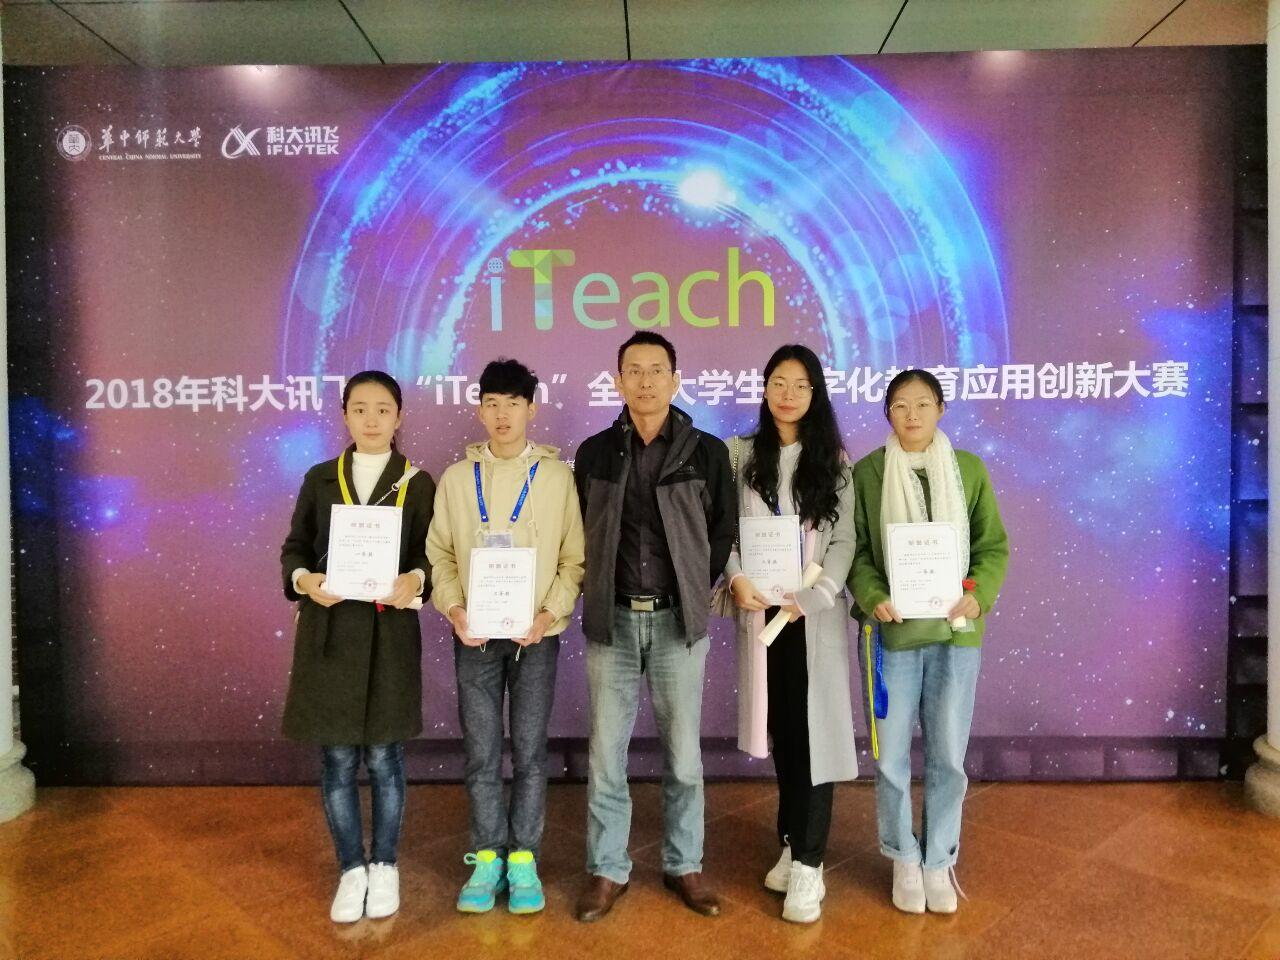 我校学子在iTeach全国大学生数字化教育应用创新大赛中获佳绩